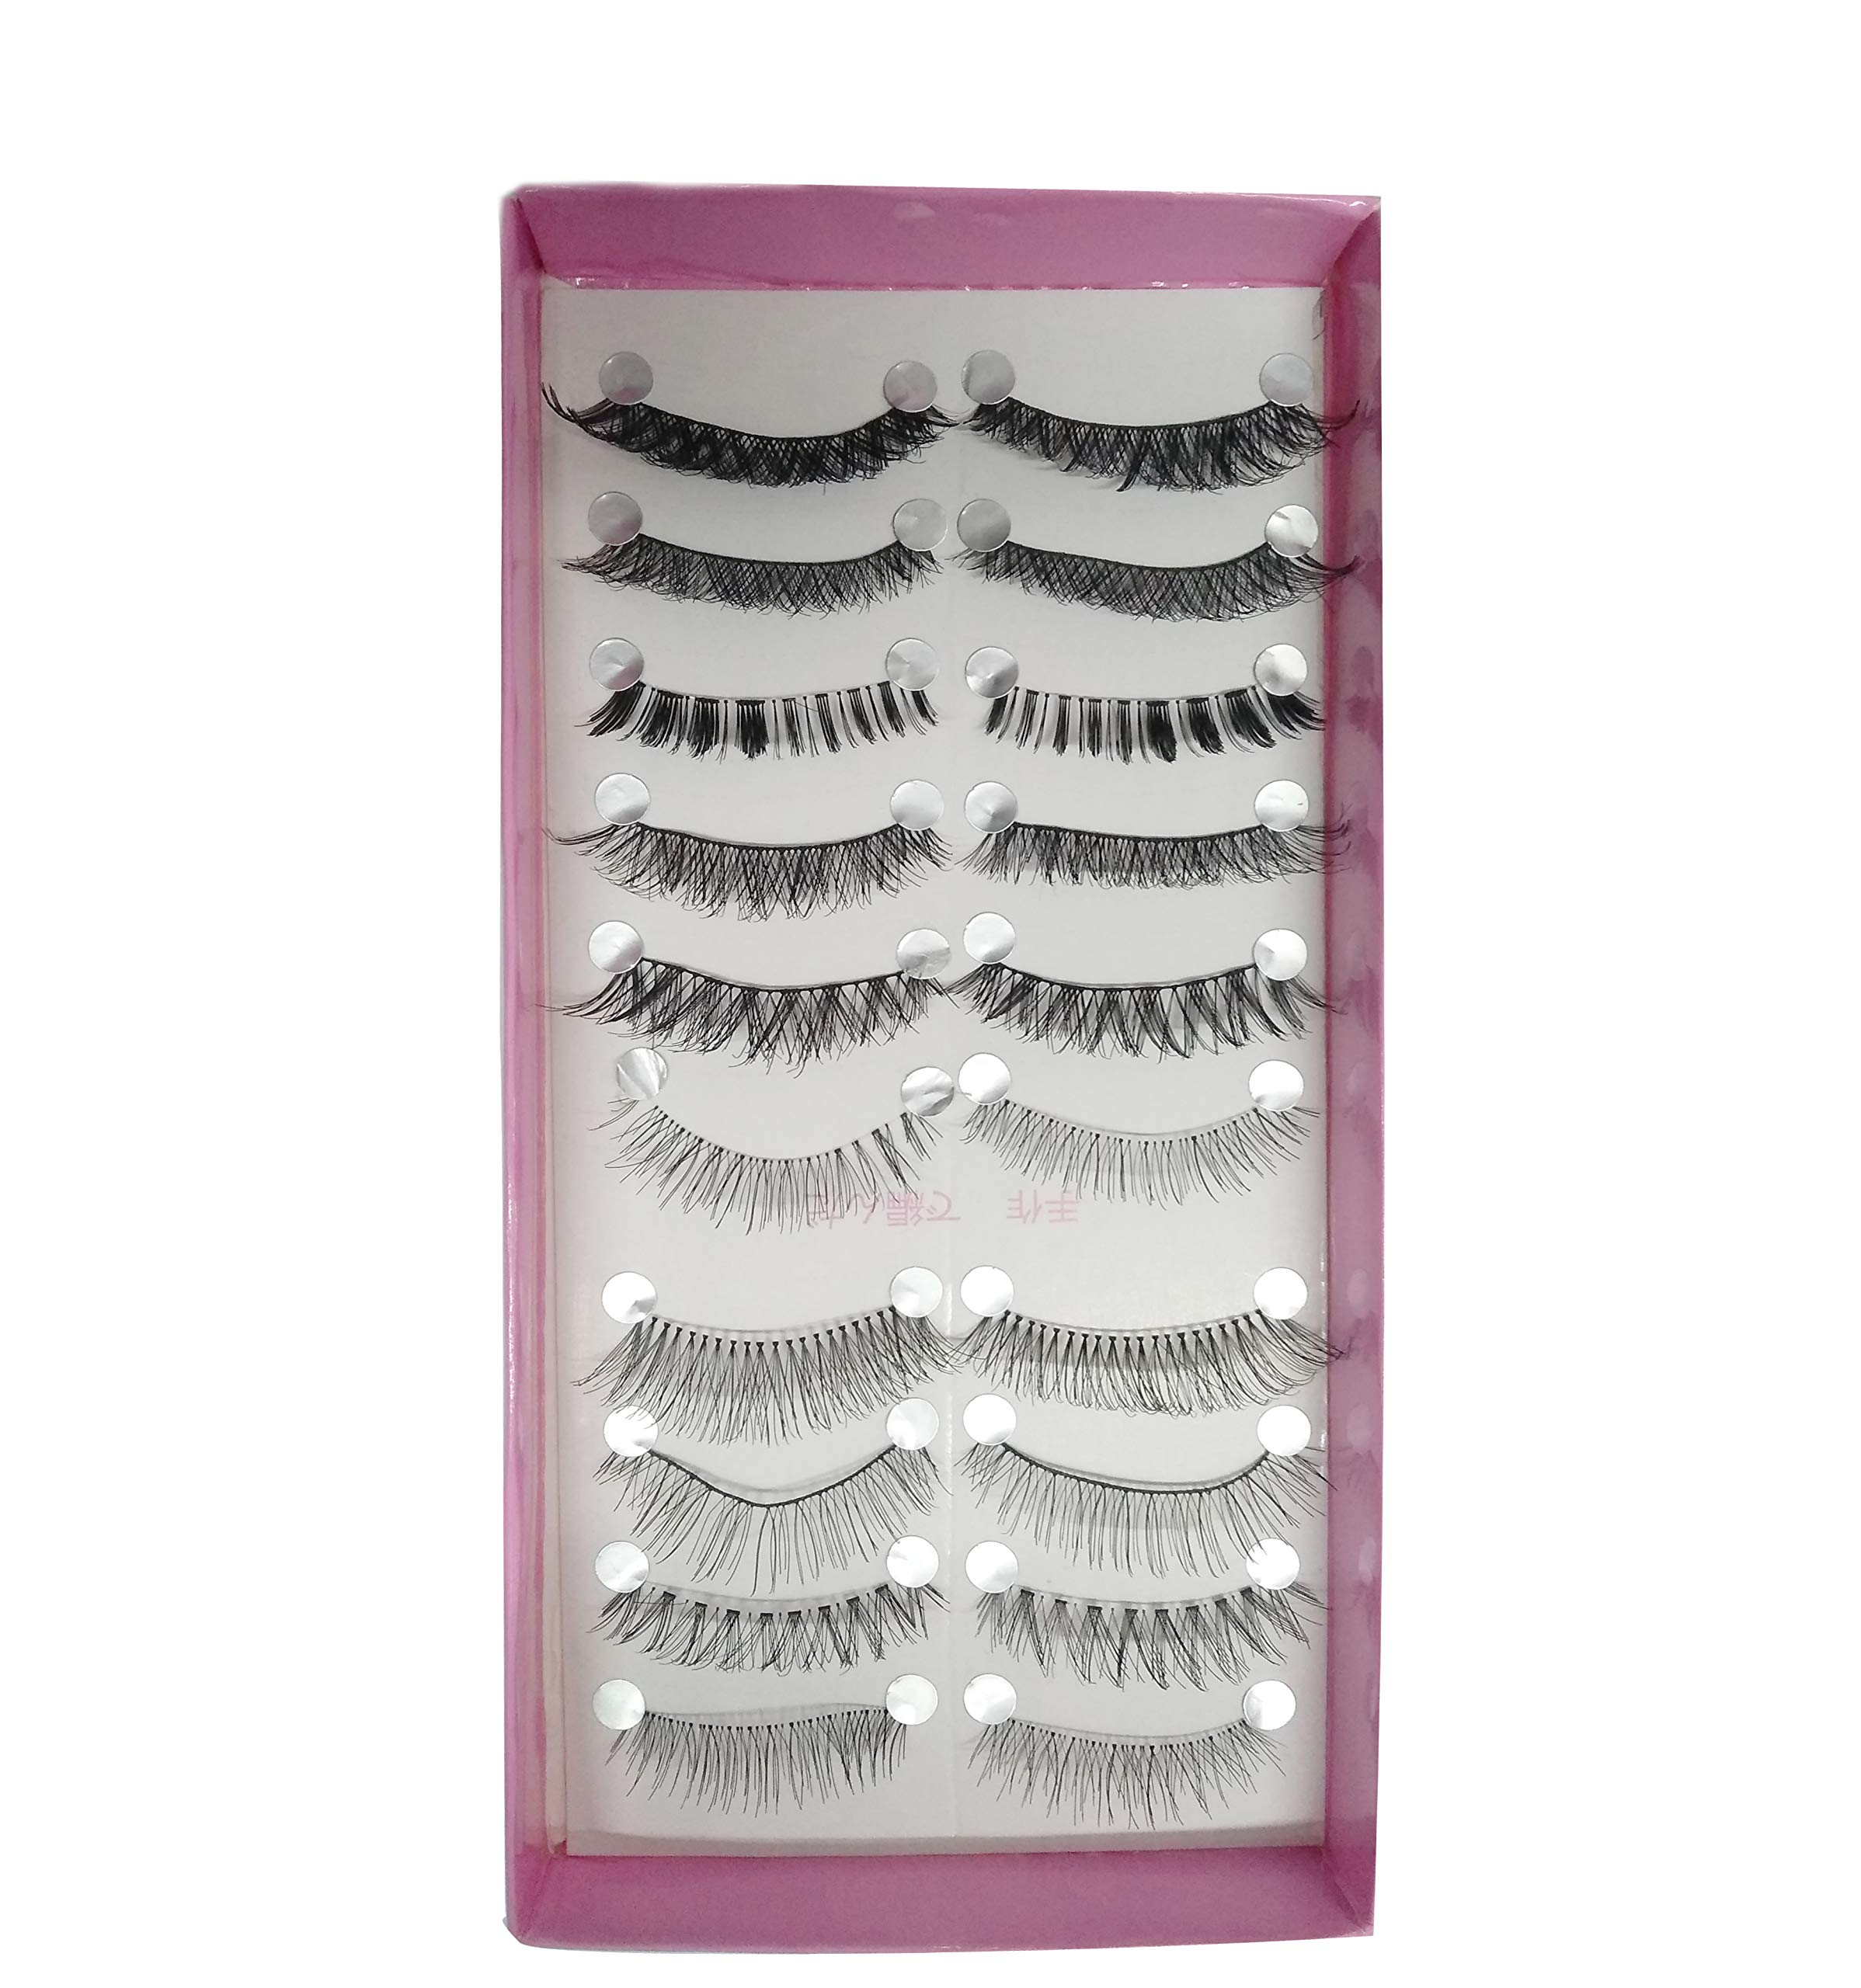 9b963beaca4 Electomania Mixed Styles False Eyelashes 10 pairs (Black) product image